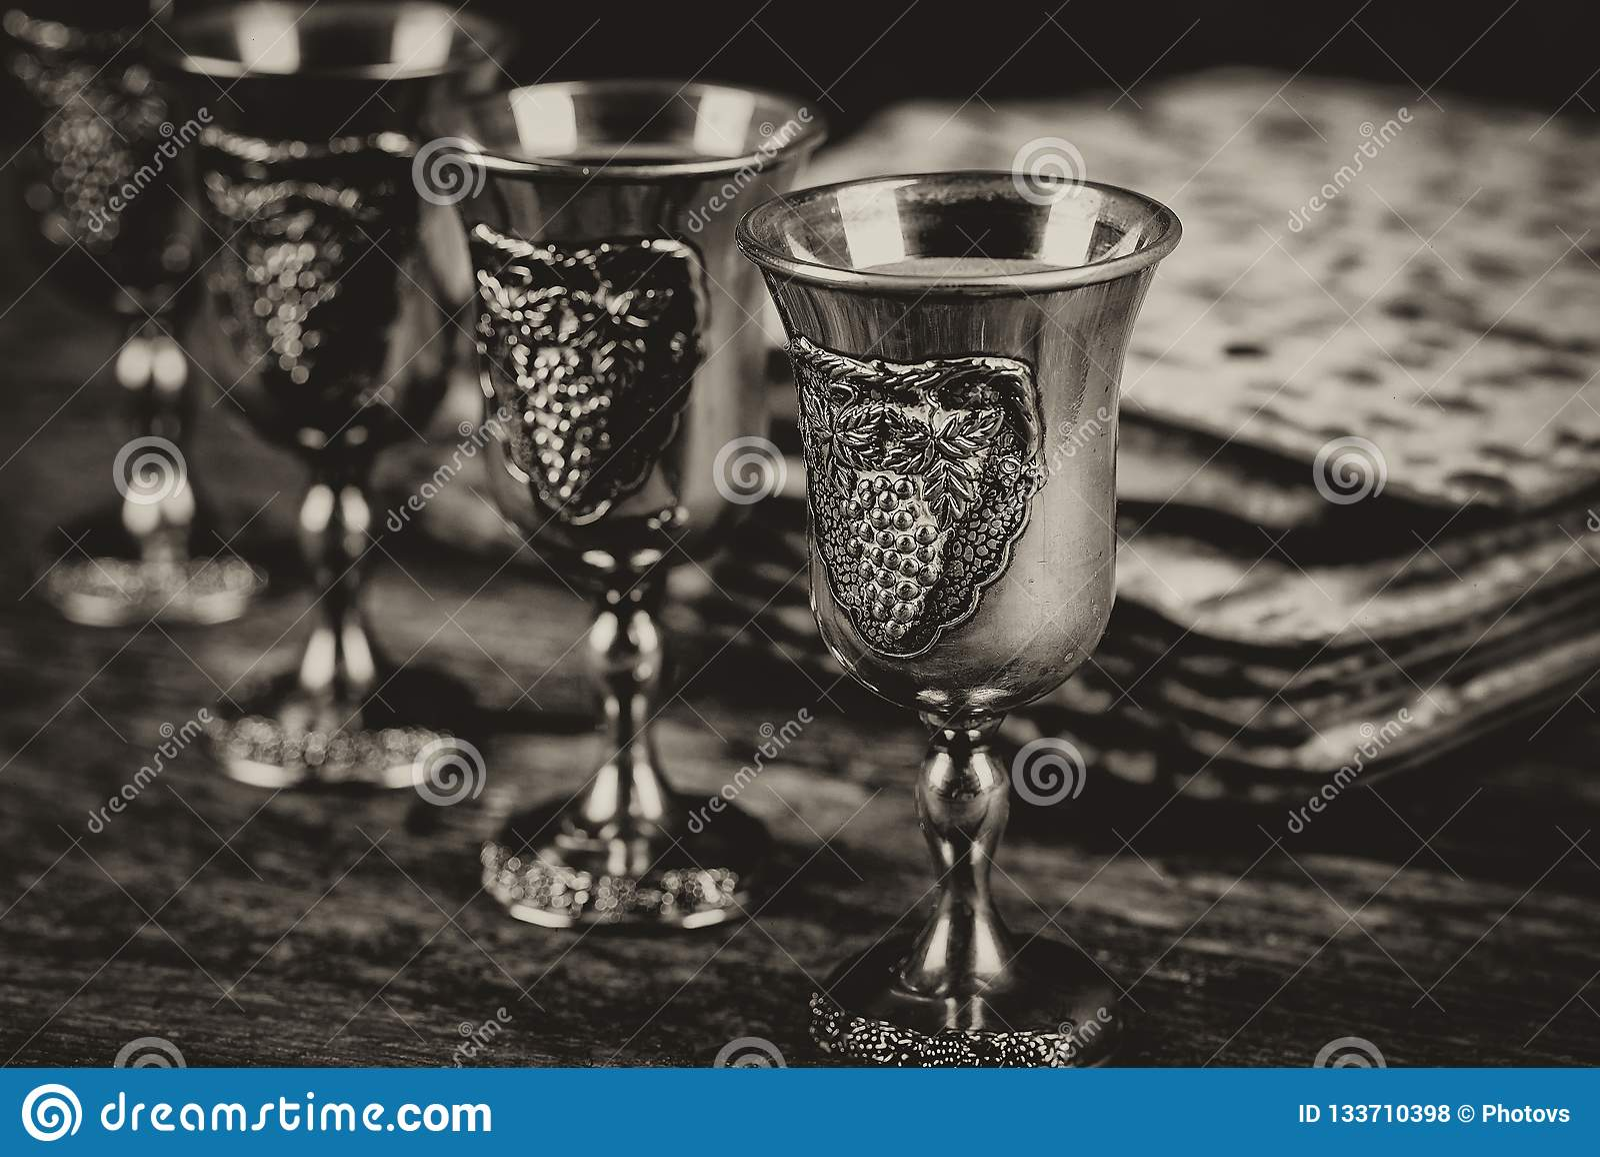 Vino kosher rojo cuatro del Haggadah del matzah o de la pascua judía del matza en un fondo de madera del vintage